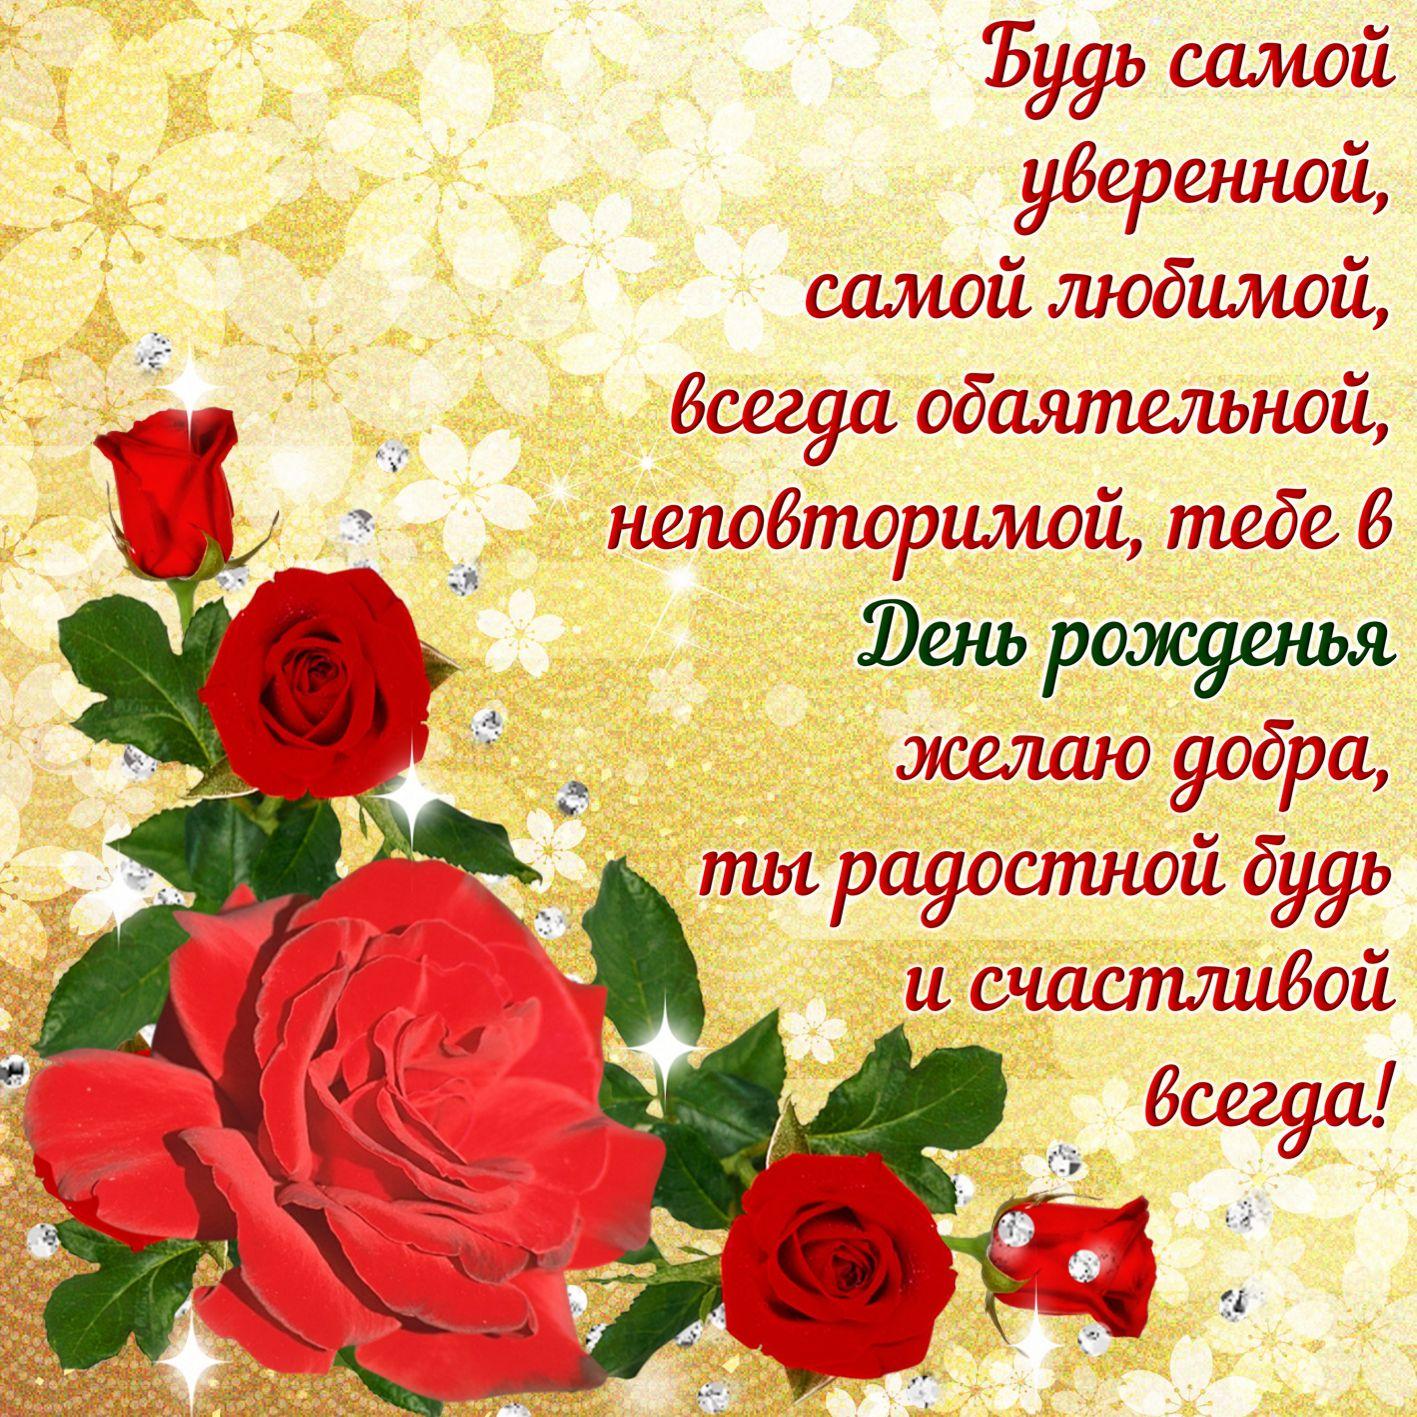 День рождения поздравление стихи